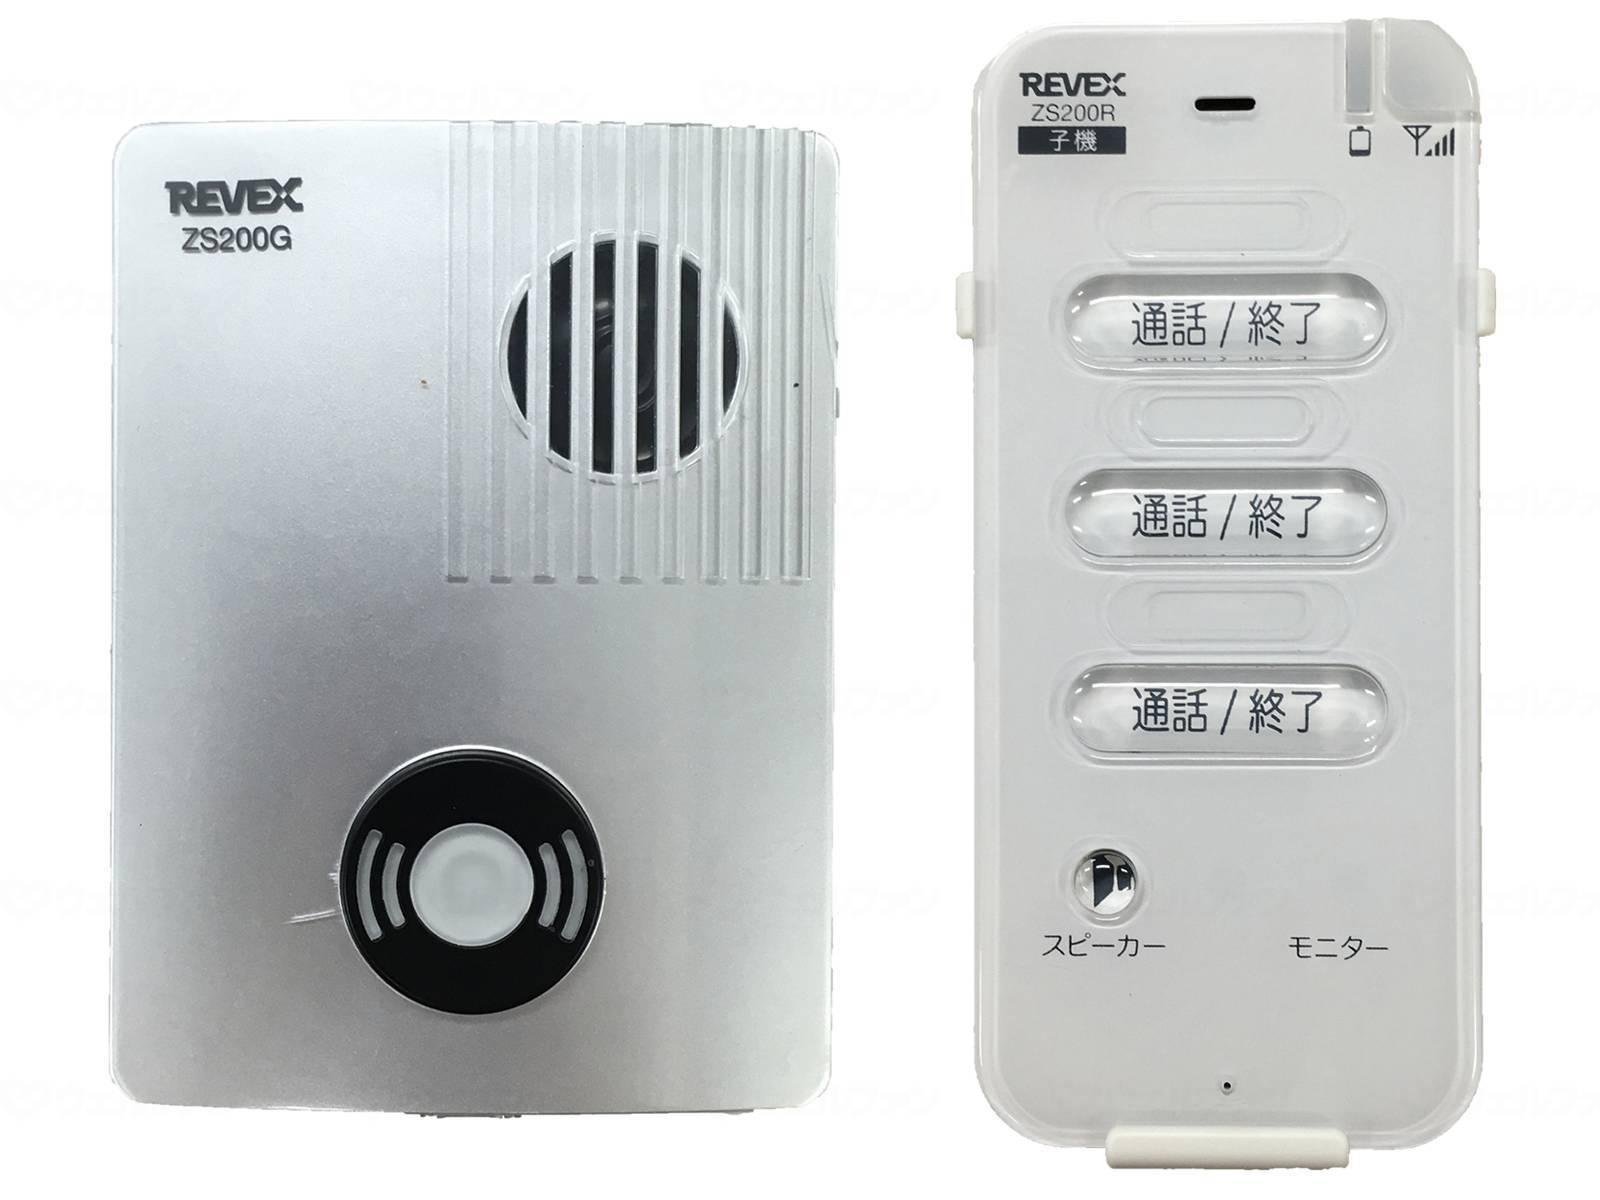 リーベックス ワイヤレストーク 玄関セット ZS200MG[介護 ケア サポート 介護用品 通販 生活 支援]